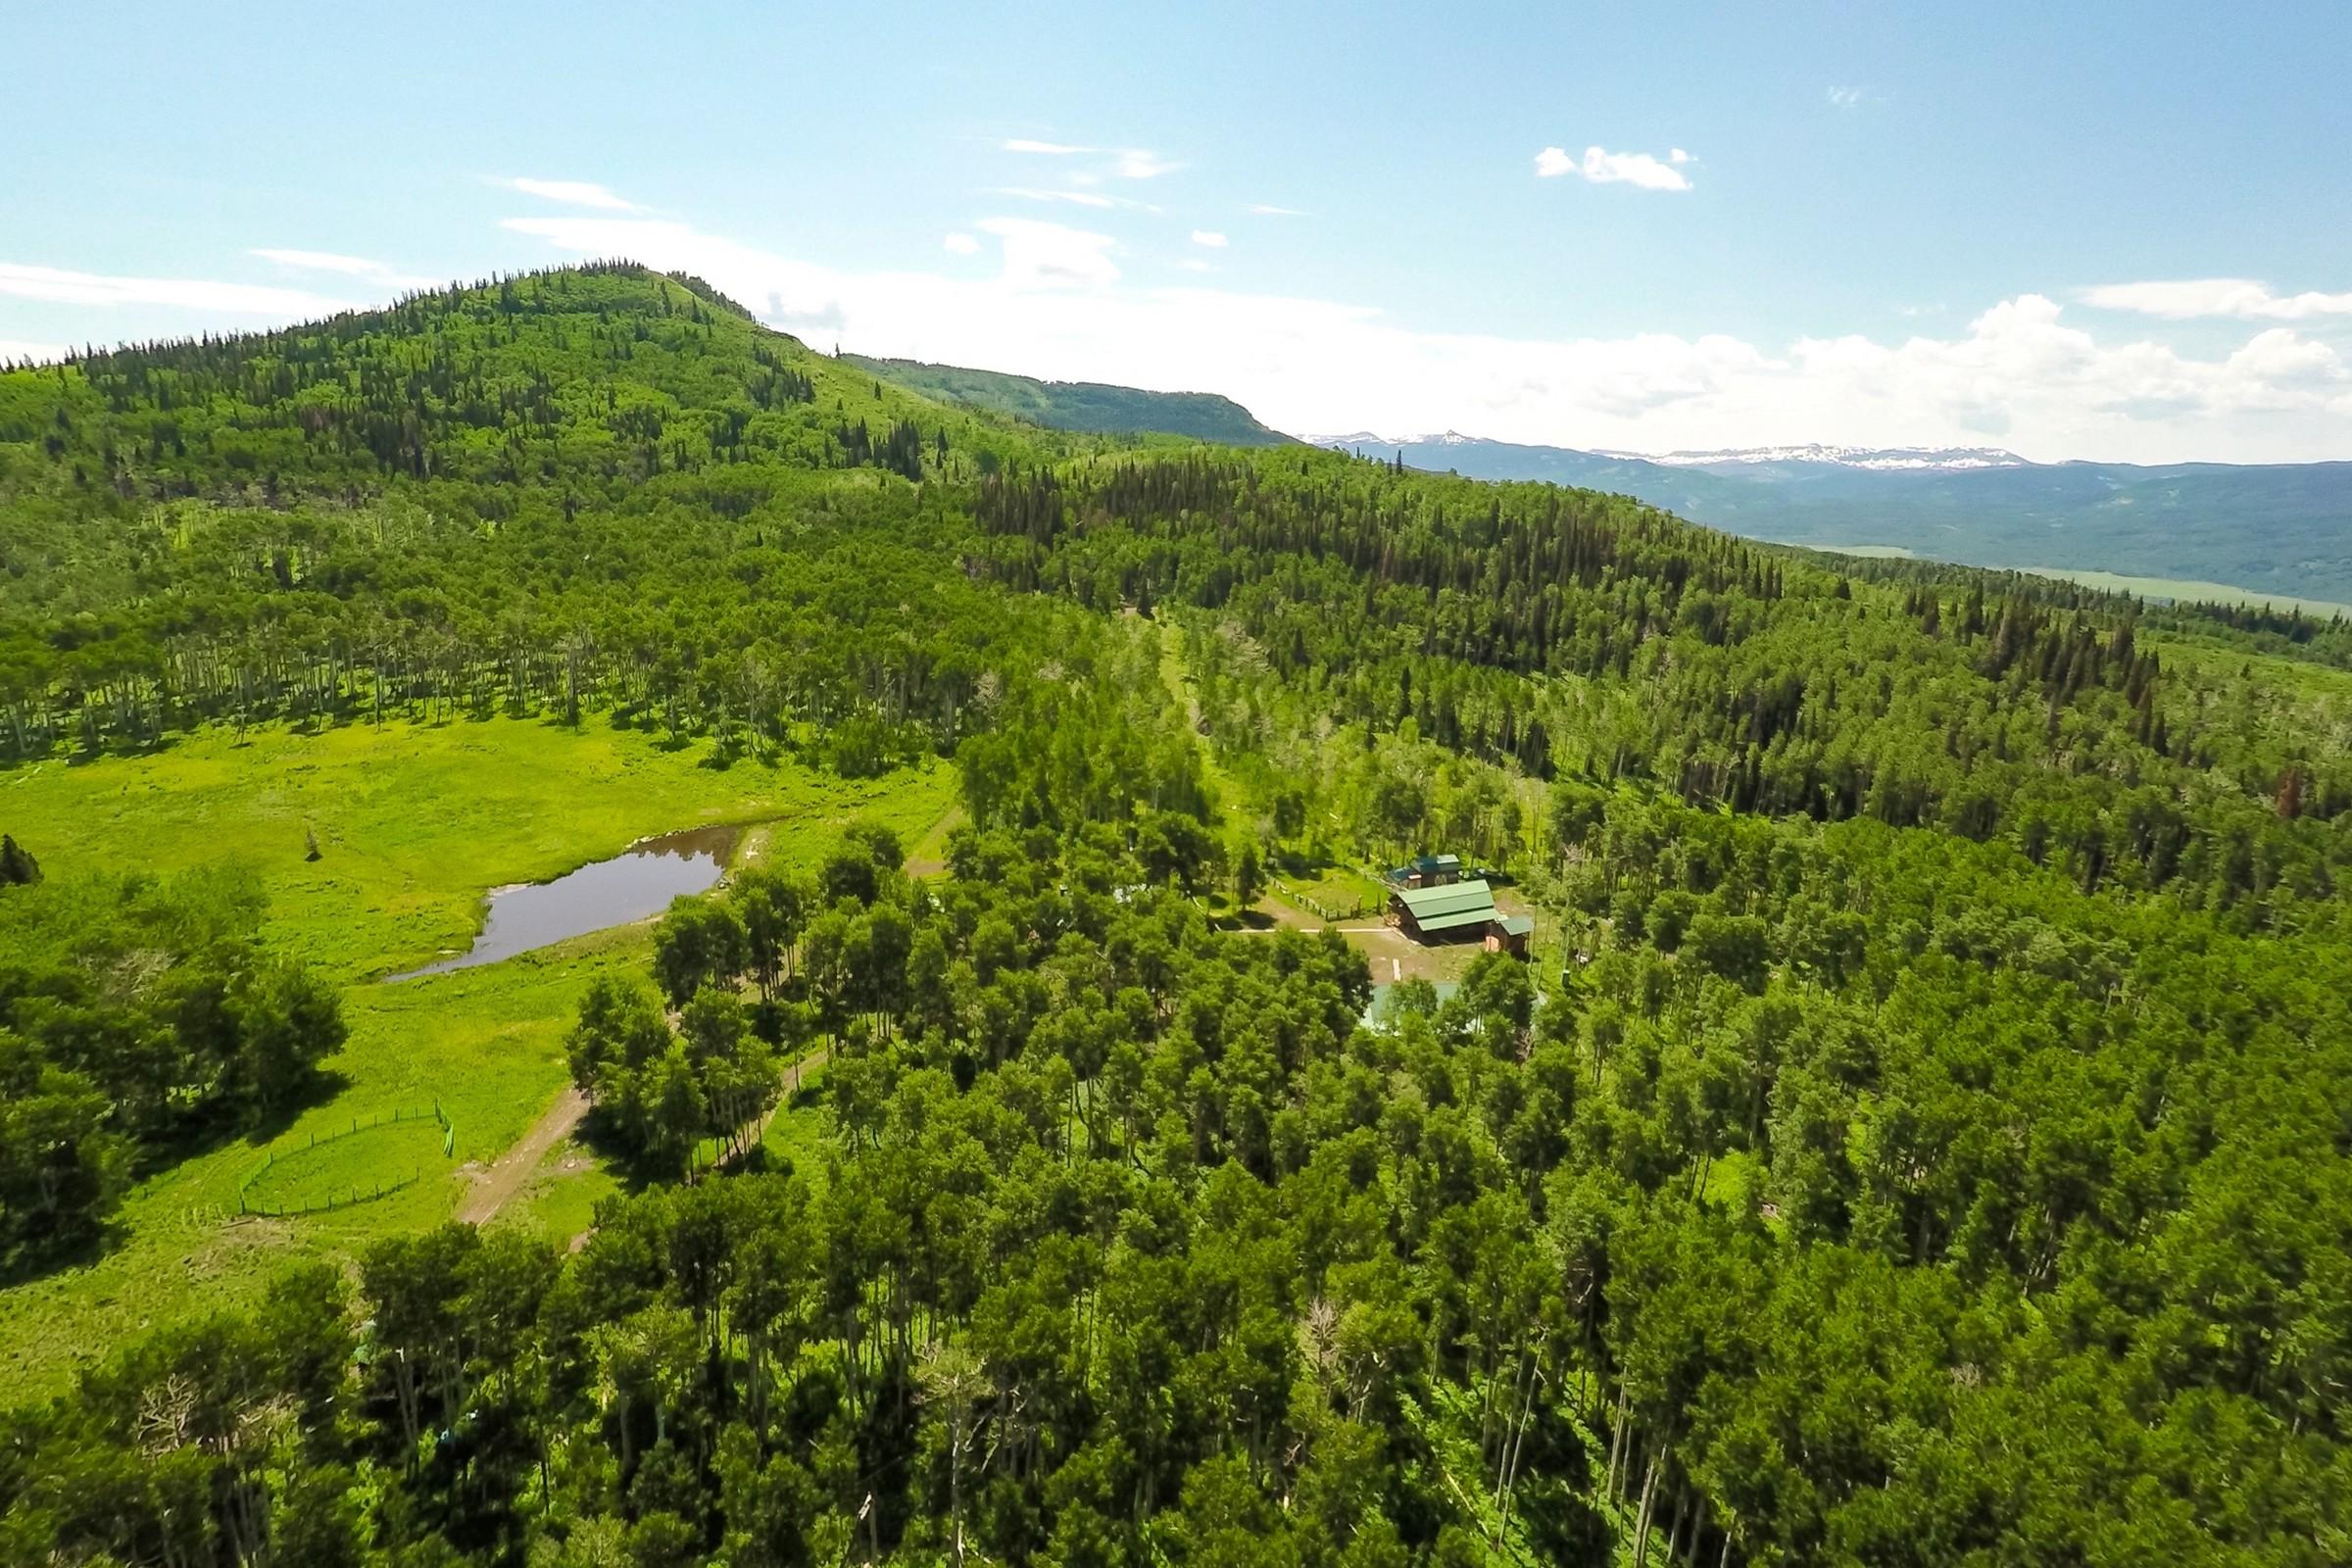 Ферма / ранчо / плантация для того Продажа на Dunckley Peak Ranch 10005 CR 29 Hayden, Колорадо, 81639 Соединенные Штаты